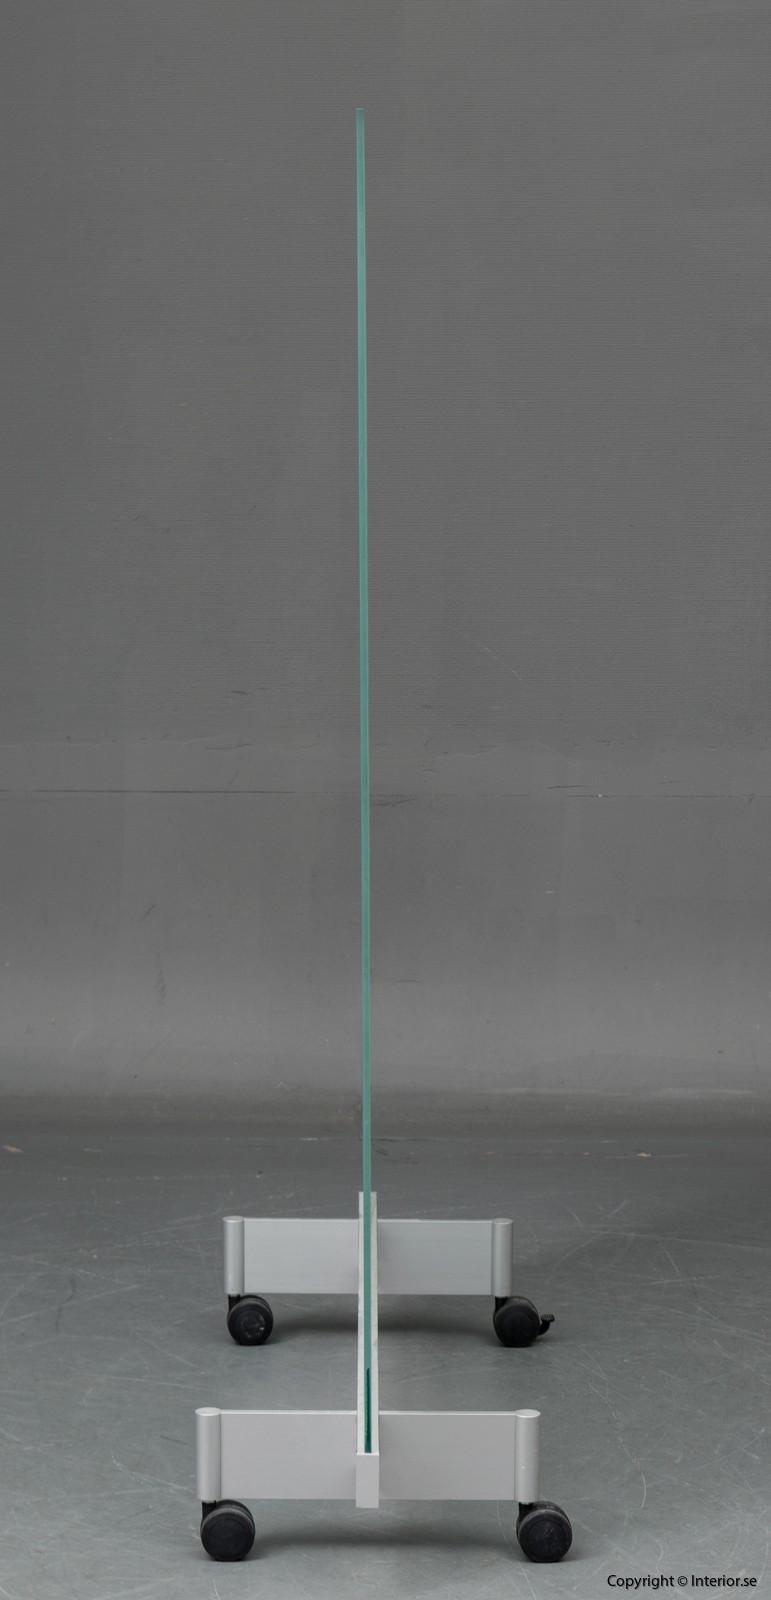 BORKS, flyttbara golvskärmväggar rumsavdelare glas och med hjul BORKS, Room Divider Space Divider with glass and casters 7